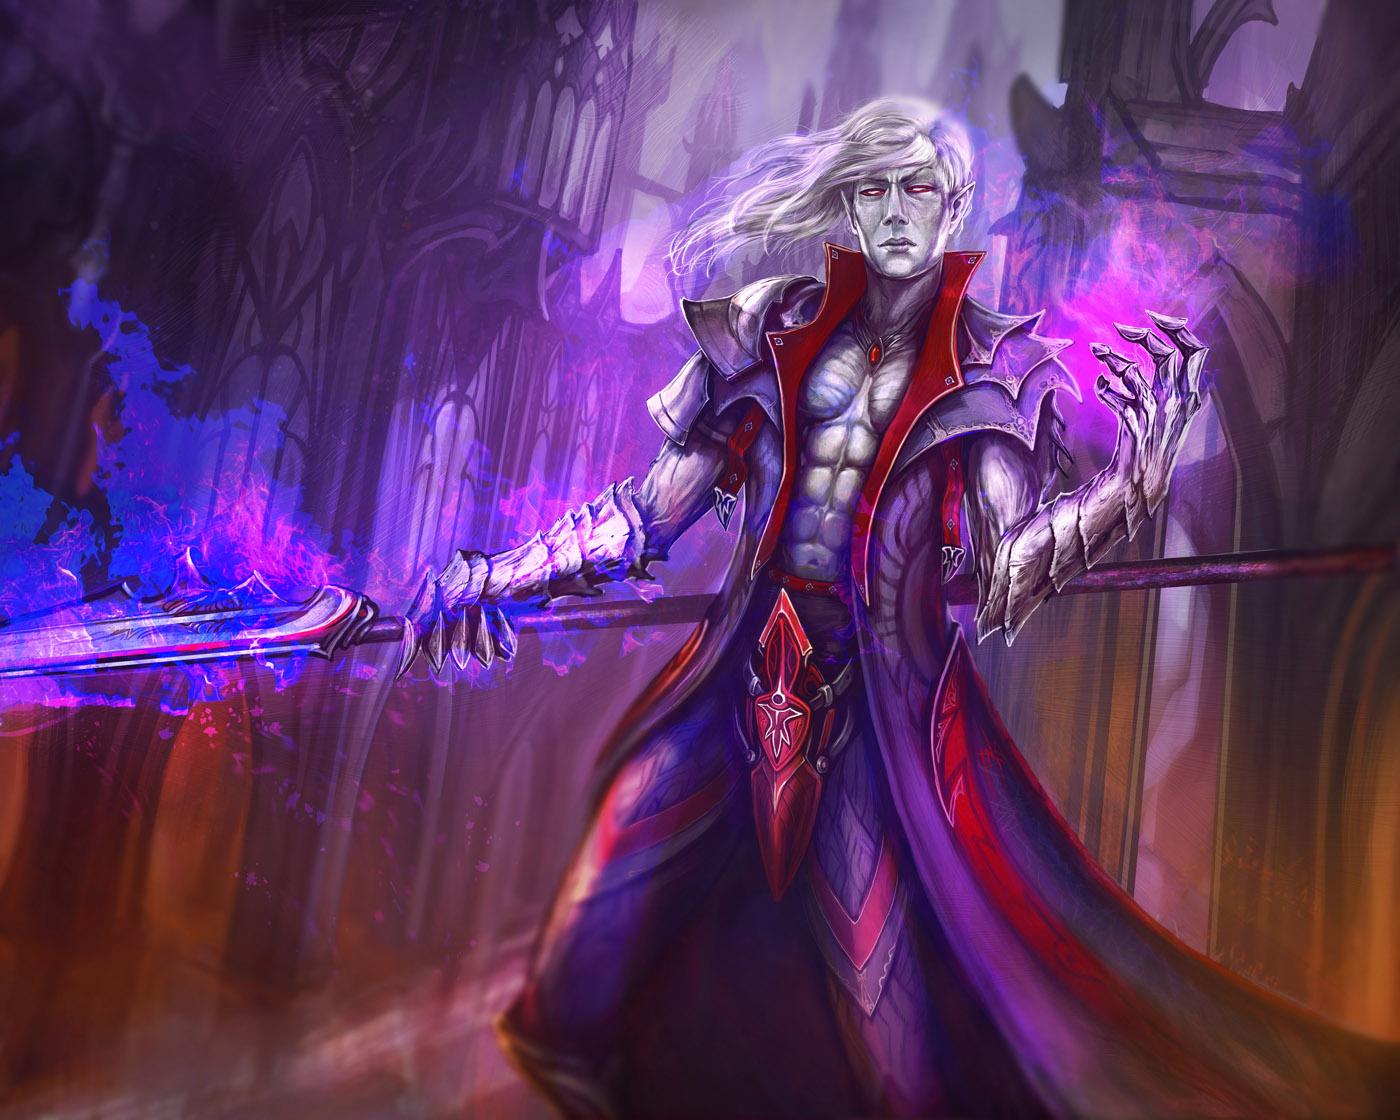 Vampir by Tsabo6